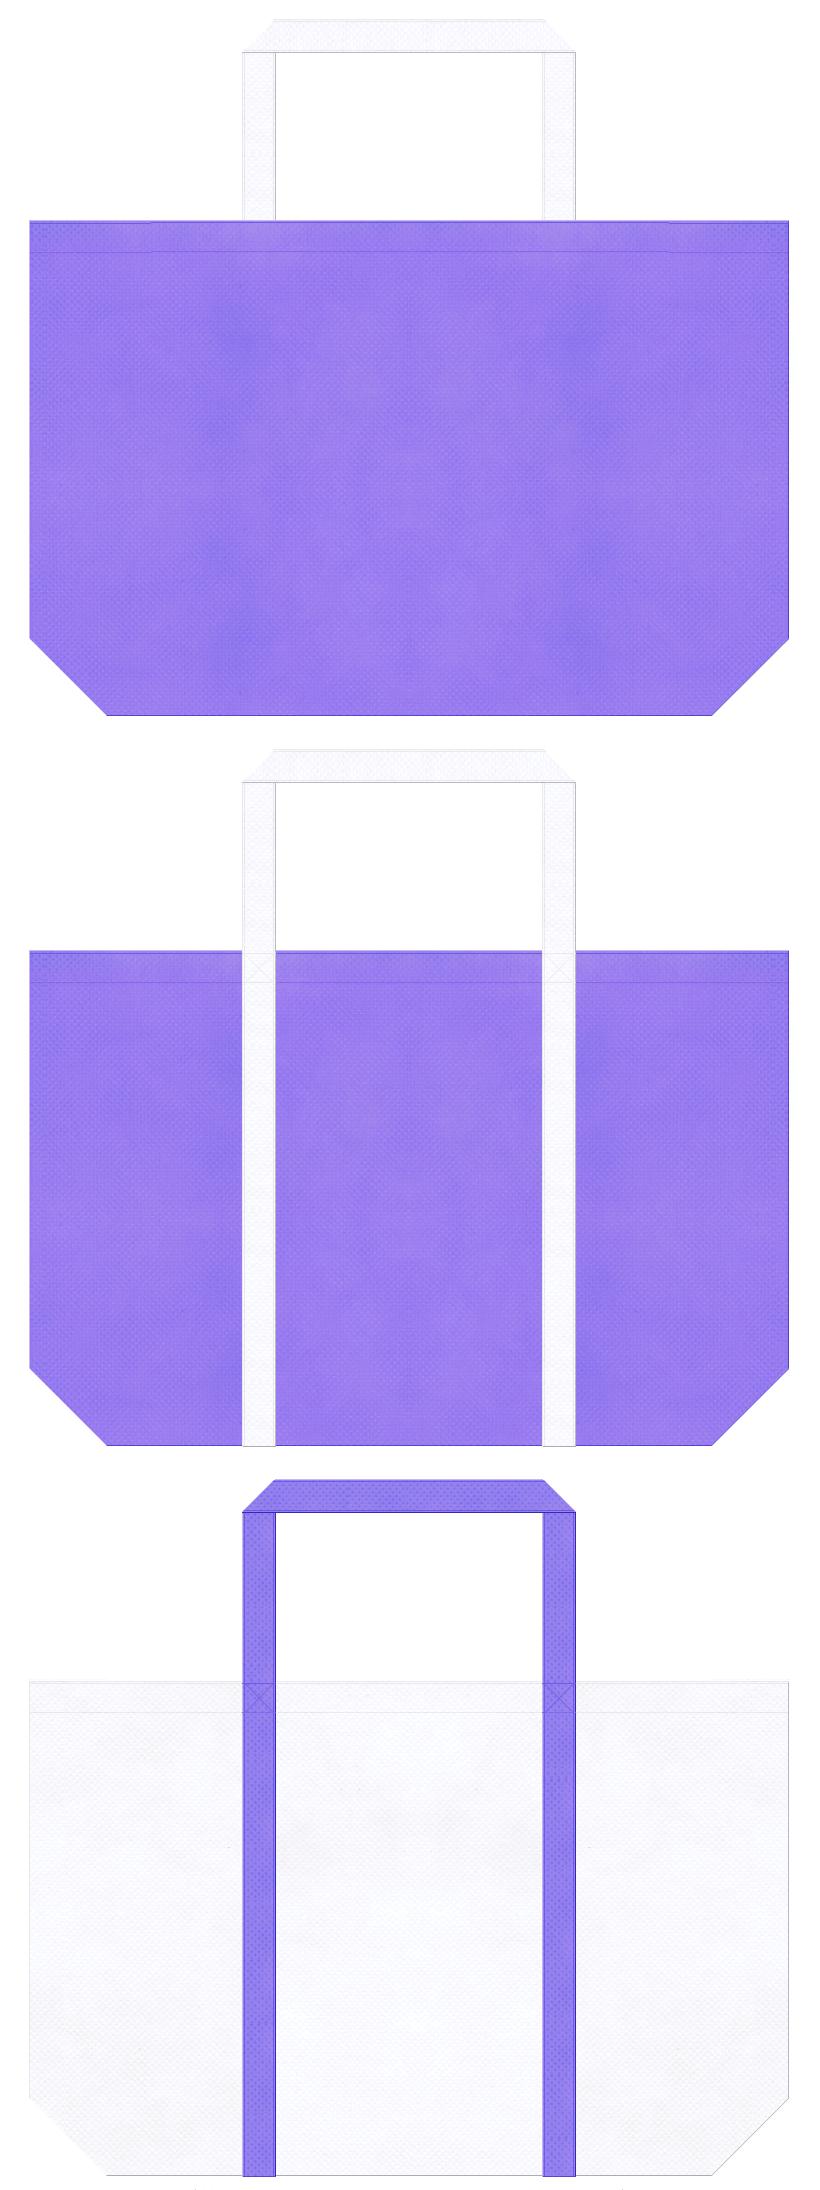 薄紫色と白色の不織布ショッピングバッグデザイン。医療ユニフォーム・楽団ユニフォームのショッピングバッグにお奨めです。